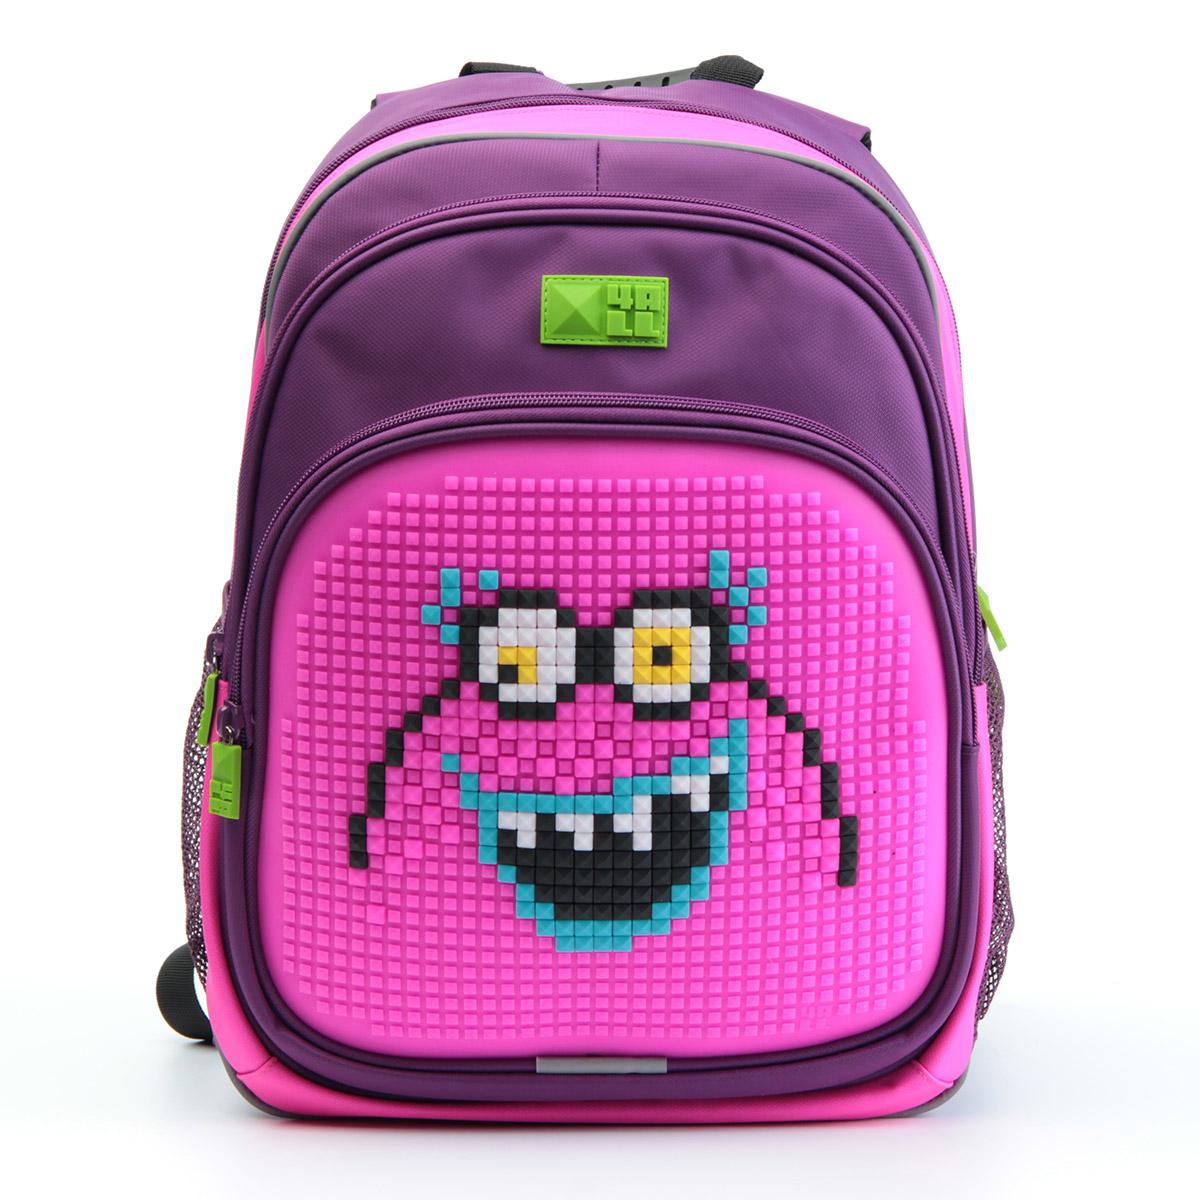 4ALL Рюкзак Kids цвет фиолетовый розовый72523WDРюкзак 4ALL - это одновременно яркий, функциональный школьный аксессуар и площадка длясамовыражения. Уникальные рюкзаки Kids имеют гипоаллергенную силиконовую панель иразноцветные мозаичные биты, с помощью которых на рюкзаке можно создавать графическиешедевры хоть каждый день!Модель выполнена из полиэстера с водоотталкивающейпропиткой. Рюкзак имеет 2 отделения, снаружи расположены 3 кармана (передний - на молнии,боковые - сетчатые). Система Air Comfort System обеспечивает свободную циркуляцию воздухамежду задней стенкой рюкзака и спиной ребенка. Система Ergo System служит равномерномураспределению нагрузки на спину ребенка, сохранению правильной осанки. Она способна сделатьрюкзак, наполненный учебниками, легким.Ортопедическая спинка как корсет поддерживаетпозвоночник, правильно распределяя нагрузку. Простая и удобная конструкция спины и лямокпозволяет использовать рюкзак даже деткам от 3-х лет.Светоотражающие вставки отвечаютза безопасность ребенка в темное время суток.В комплекте 1 упаковка разноцветныхпикселей-битов и инструкция для создания базовой картинки. Работа с мелкимибитами позволяет дополнительно развивать мелкую моторику рук малыша.